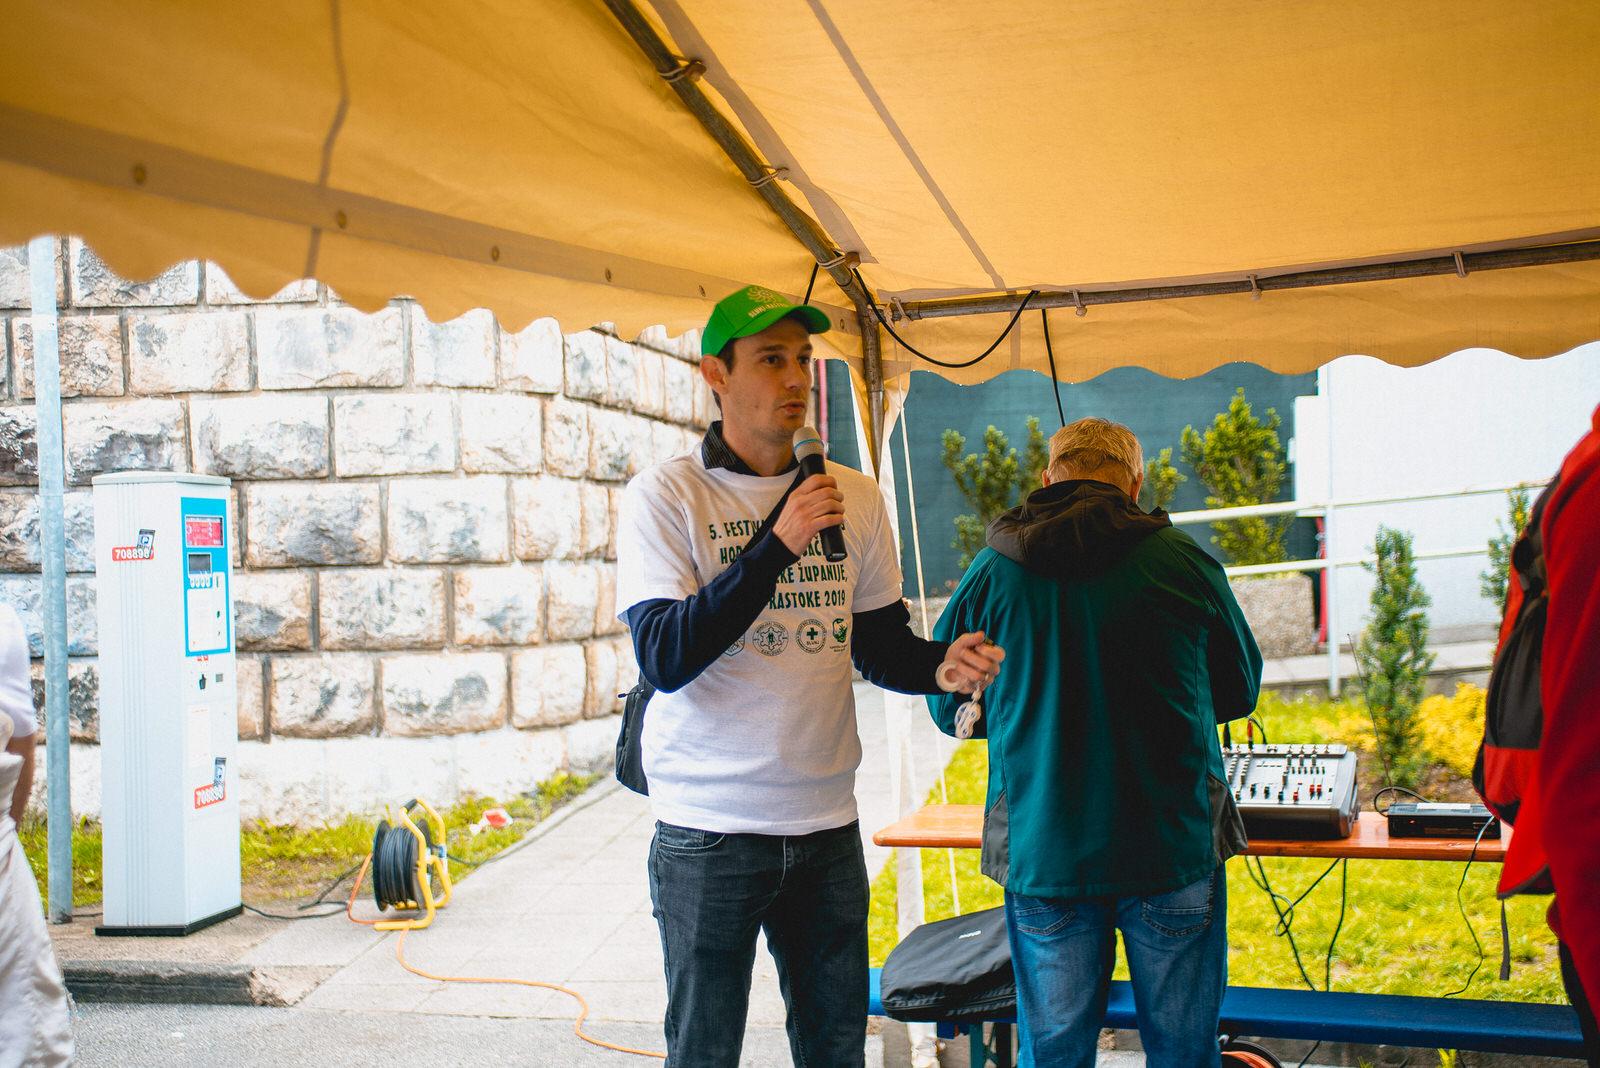 likaclub_slunj_rastoke_5-festival-nordijskog-hodanja_2019-9